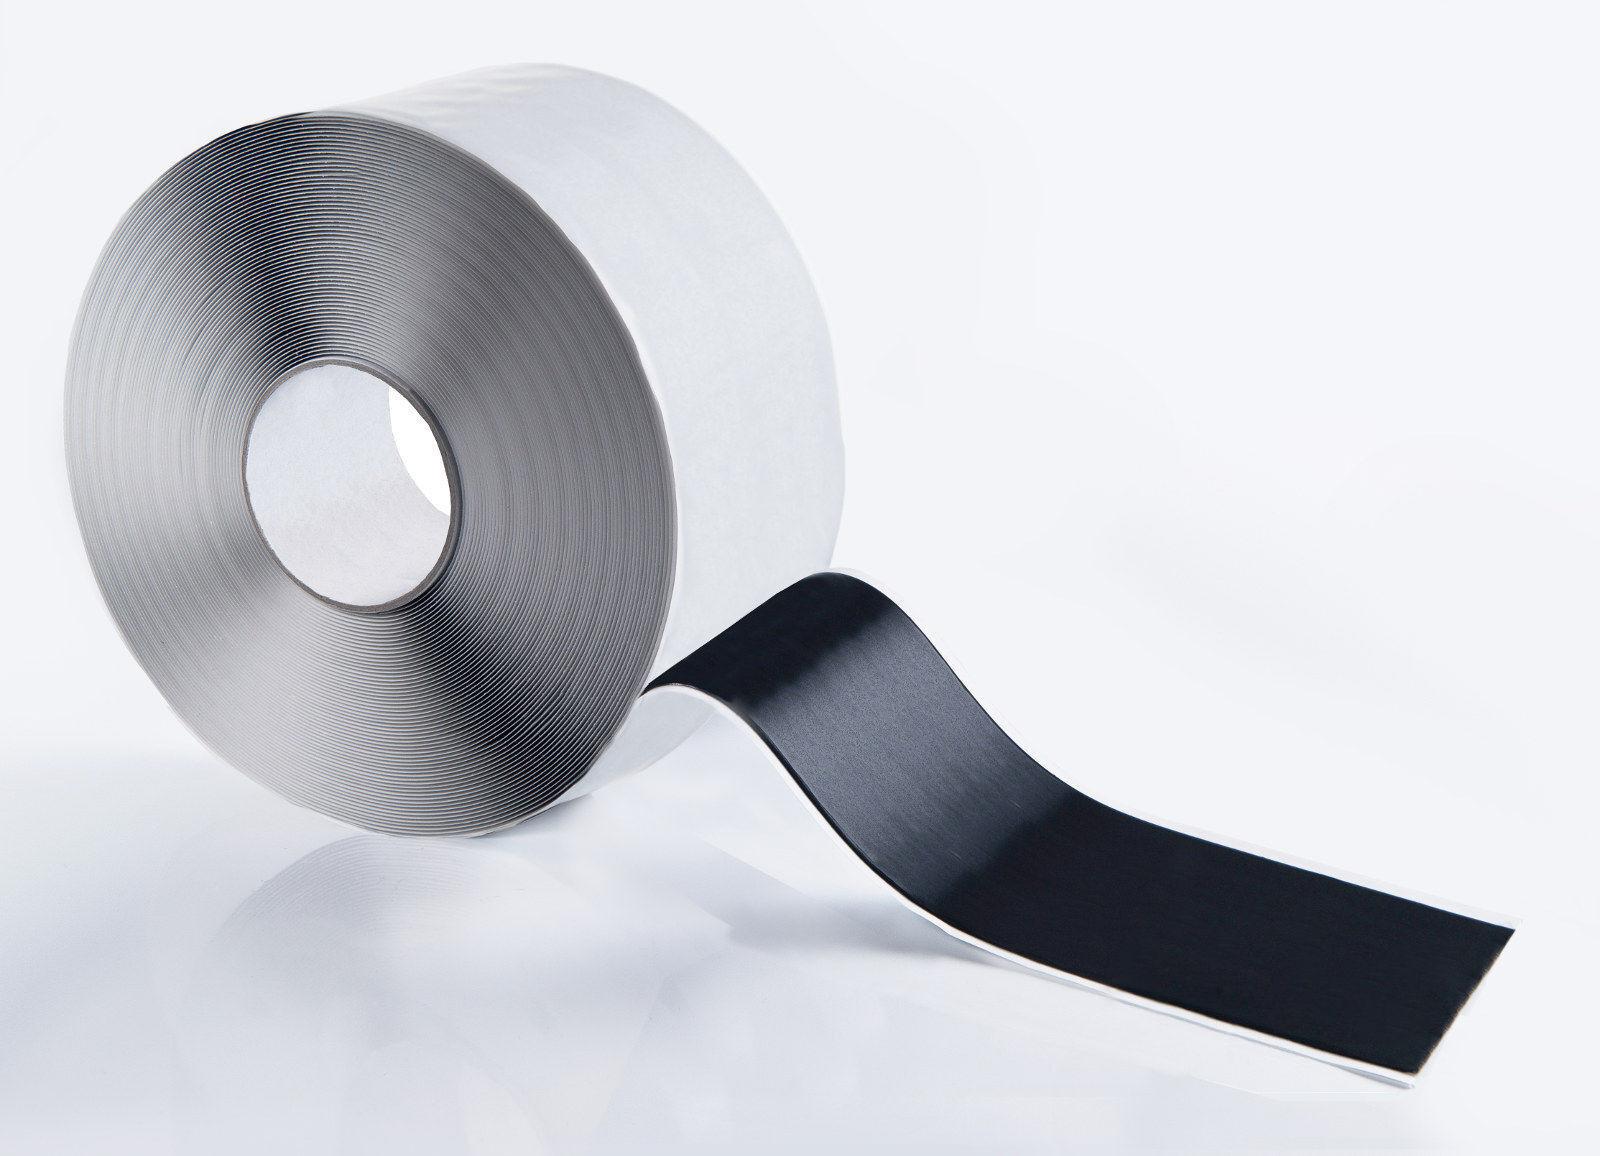 HSF Butylband 30mm x 1mm mit Gelegeeinlage schwarz 15m Rolle